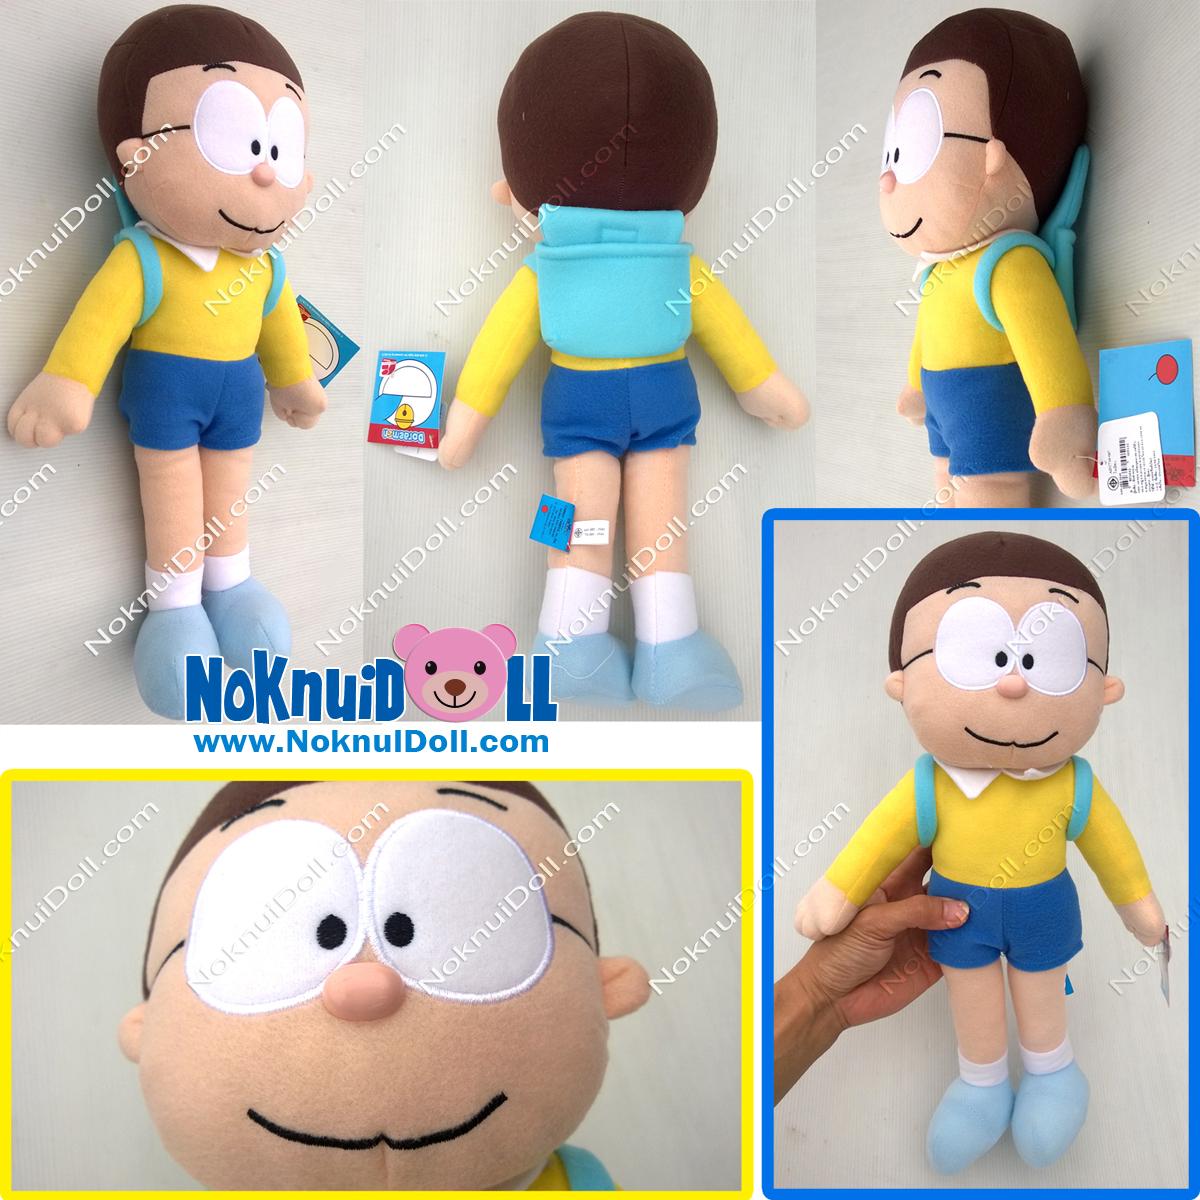 เพื่อนโดเรมอน ตุ๊กตา โนบิตะ ผ้าทีเอฟ (ไม่มีขน) M-14